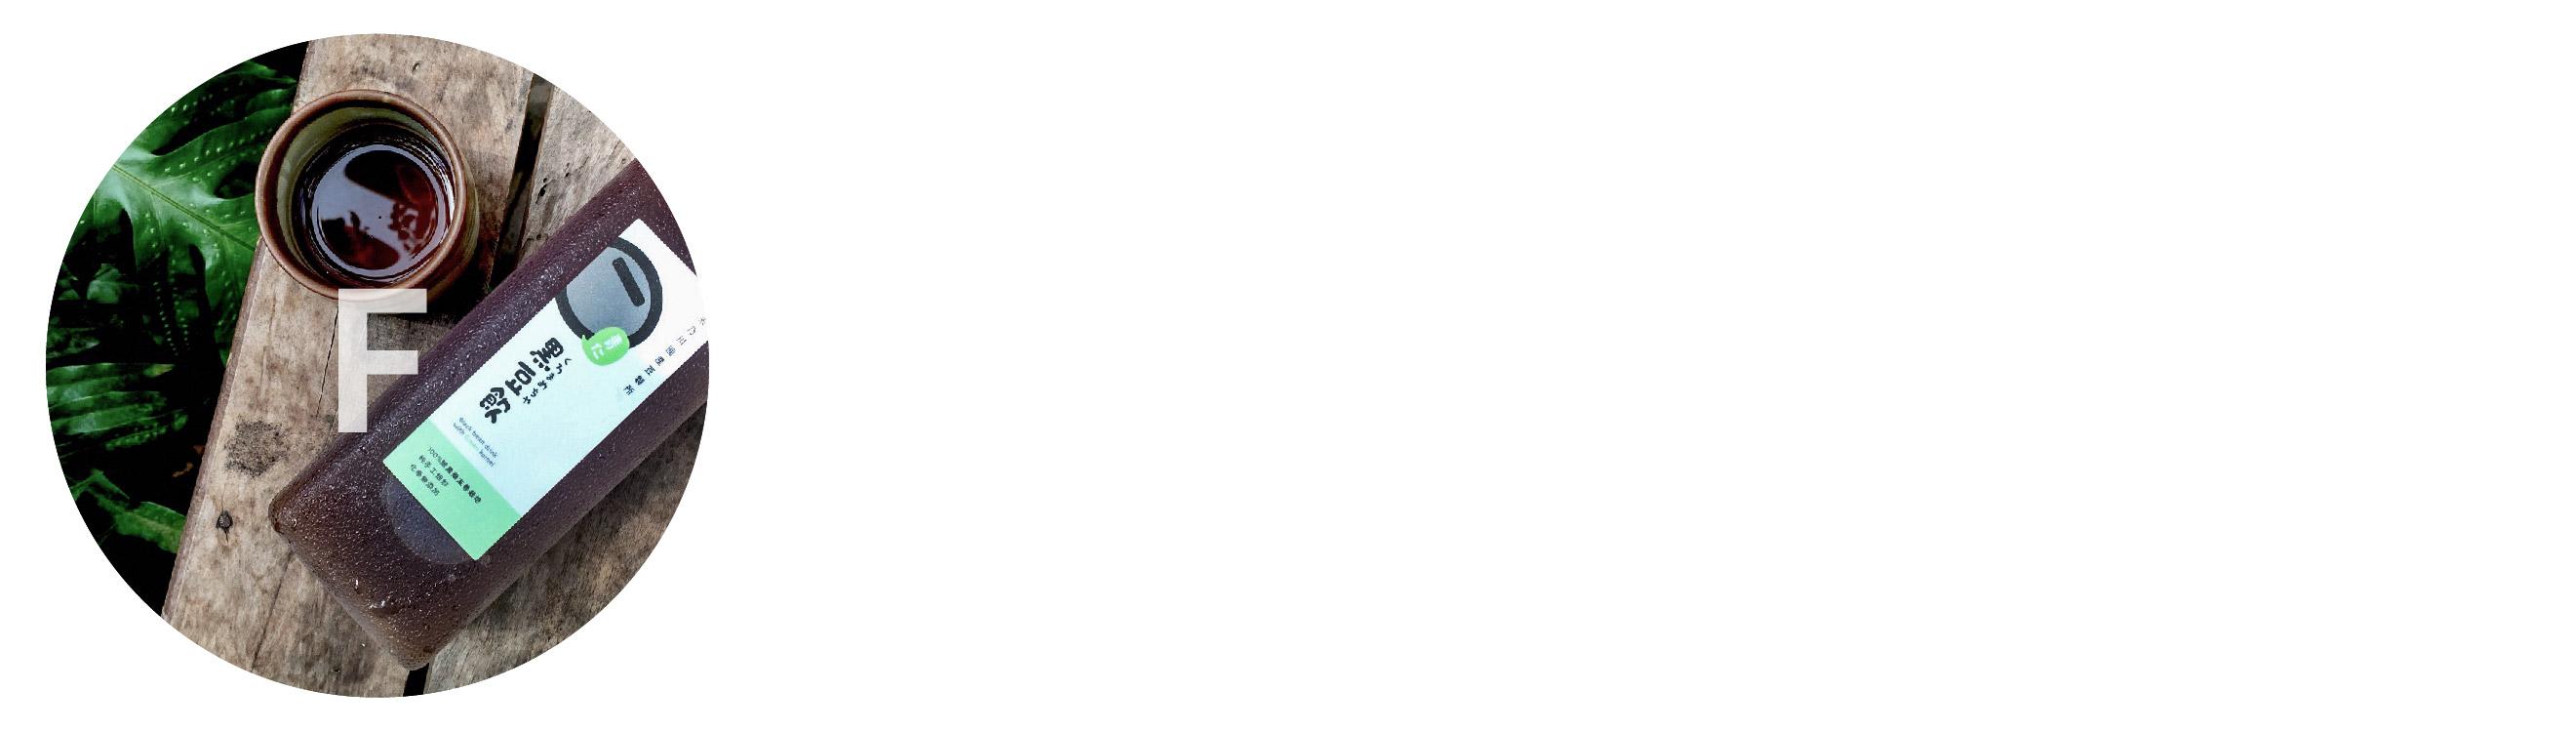 甘樂文創社創良品採購型錄_工作區域 1 複本 45.jpg